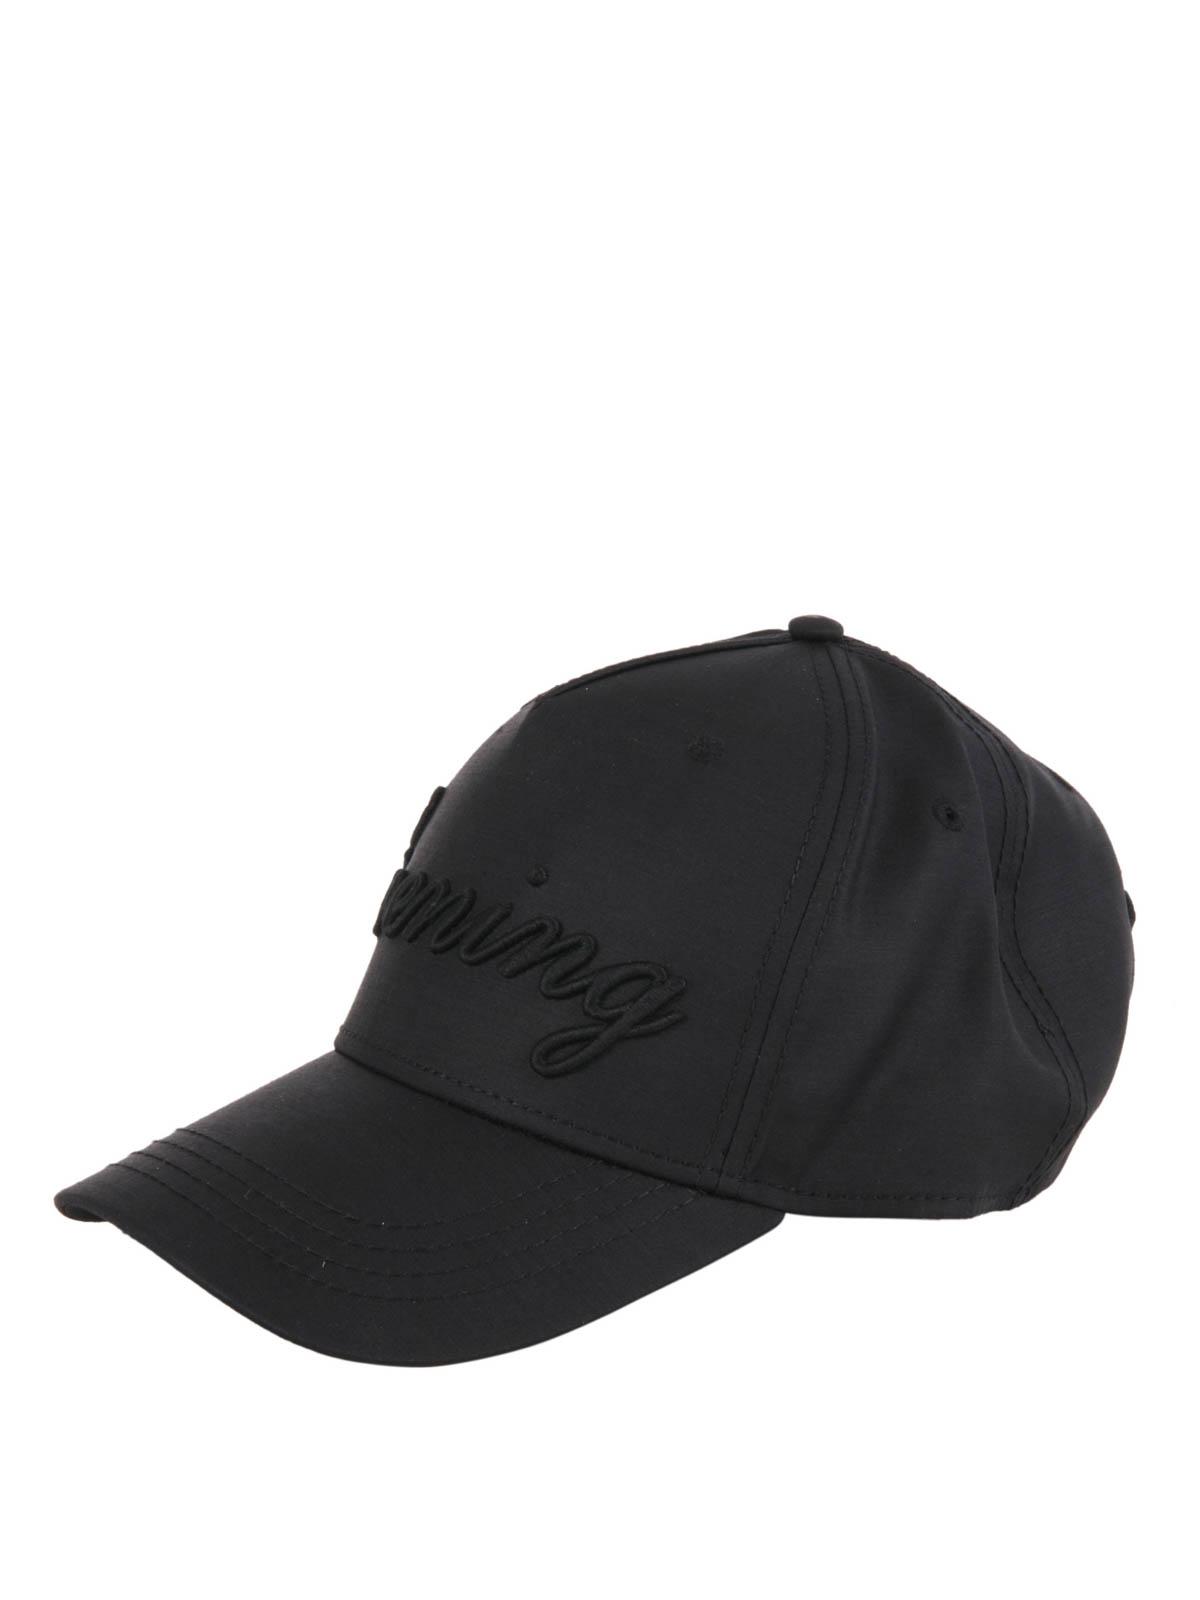 Dsquared2 - Cappellino da baseball con ricamo - cappelli - W16BC4010 ... c6a16295beb4